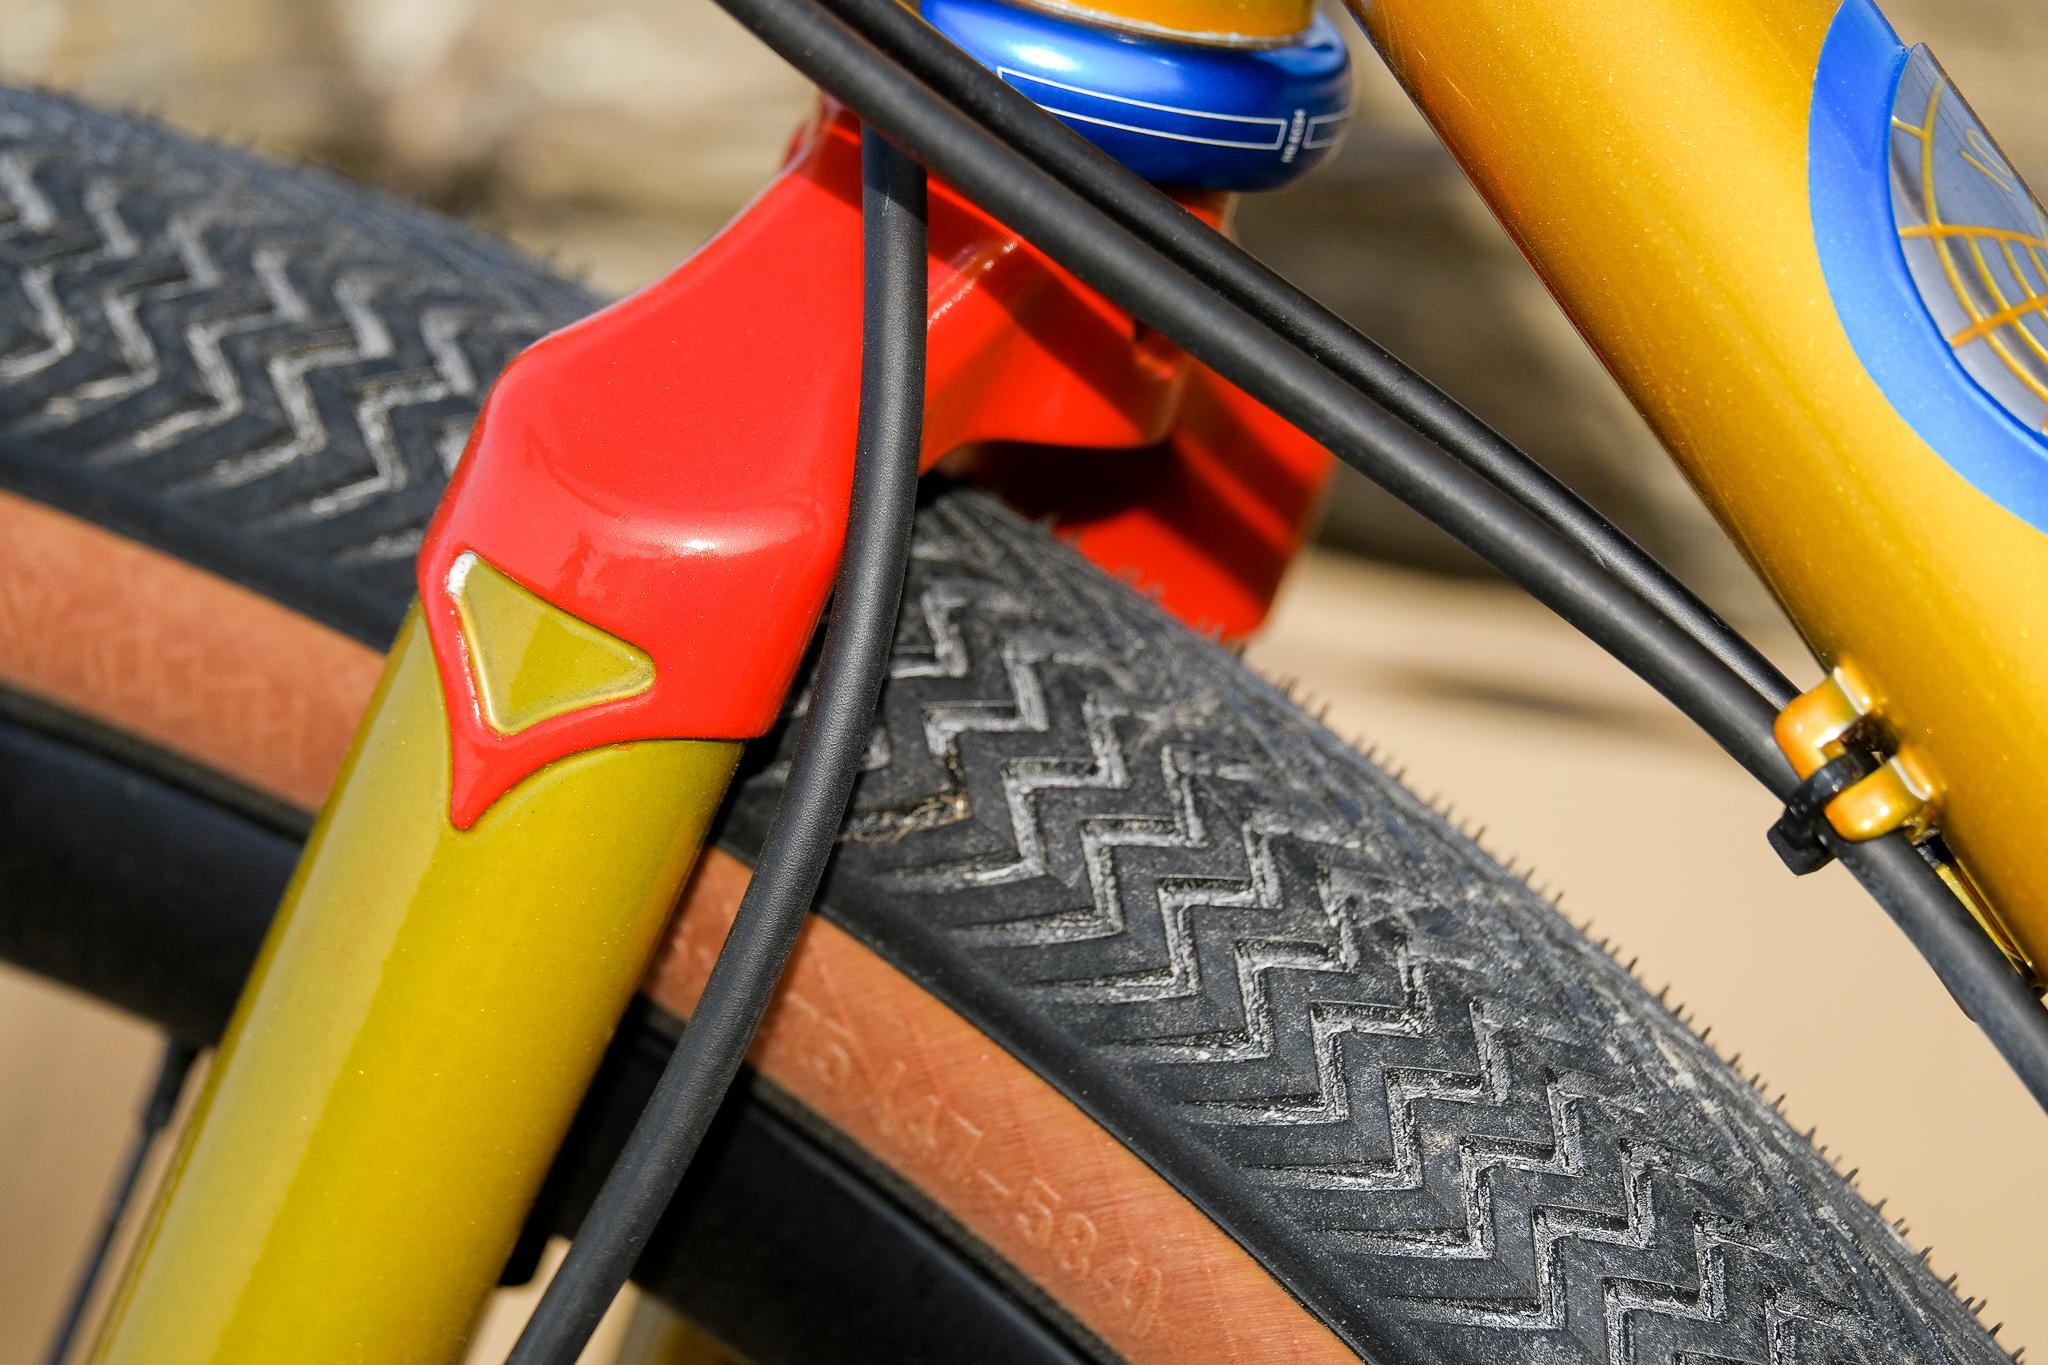 2018-02-18 Beth Morford Pedalino Bike Fuji Jpeg-161.jpg